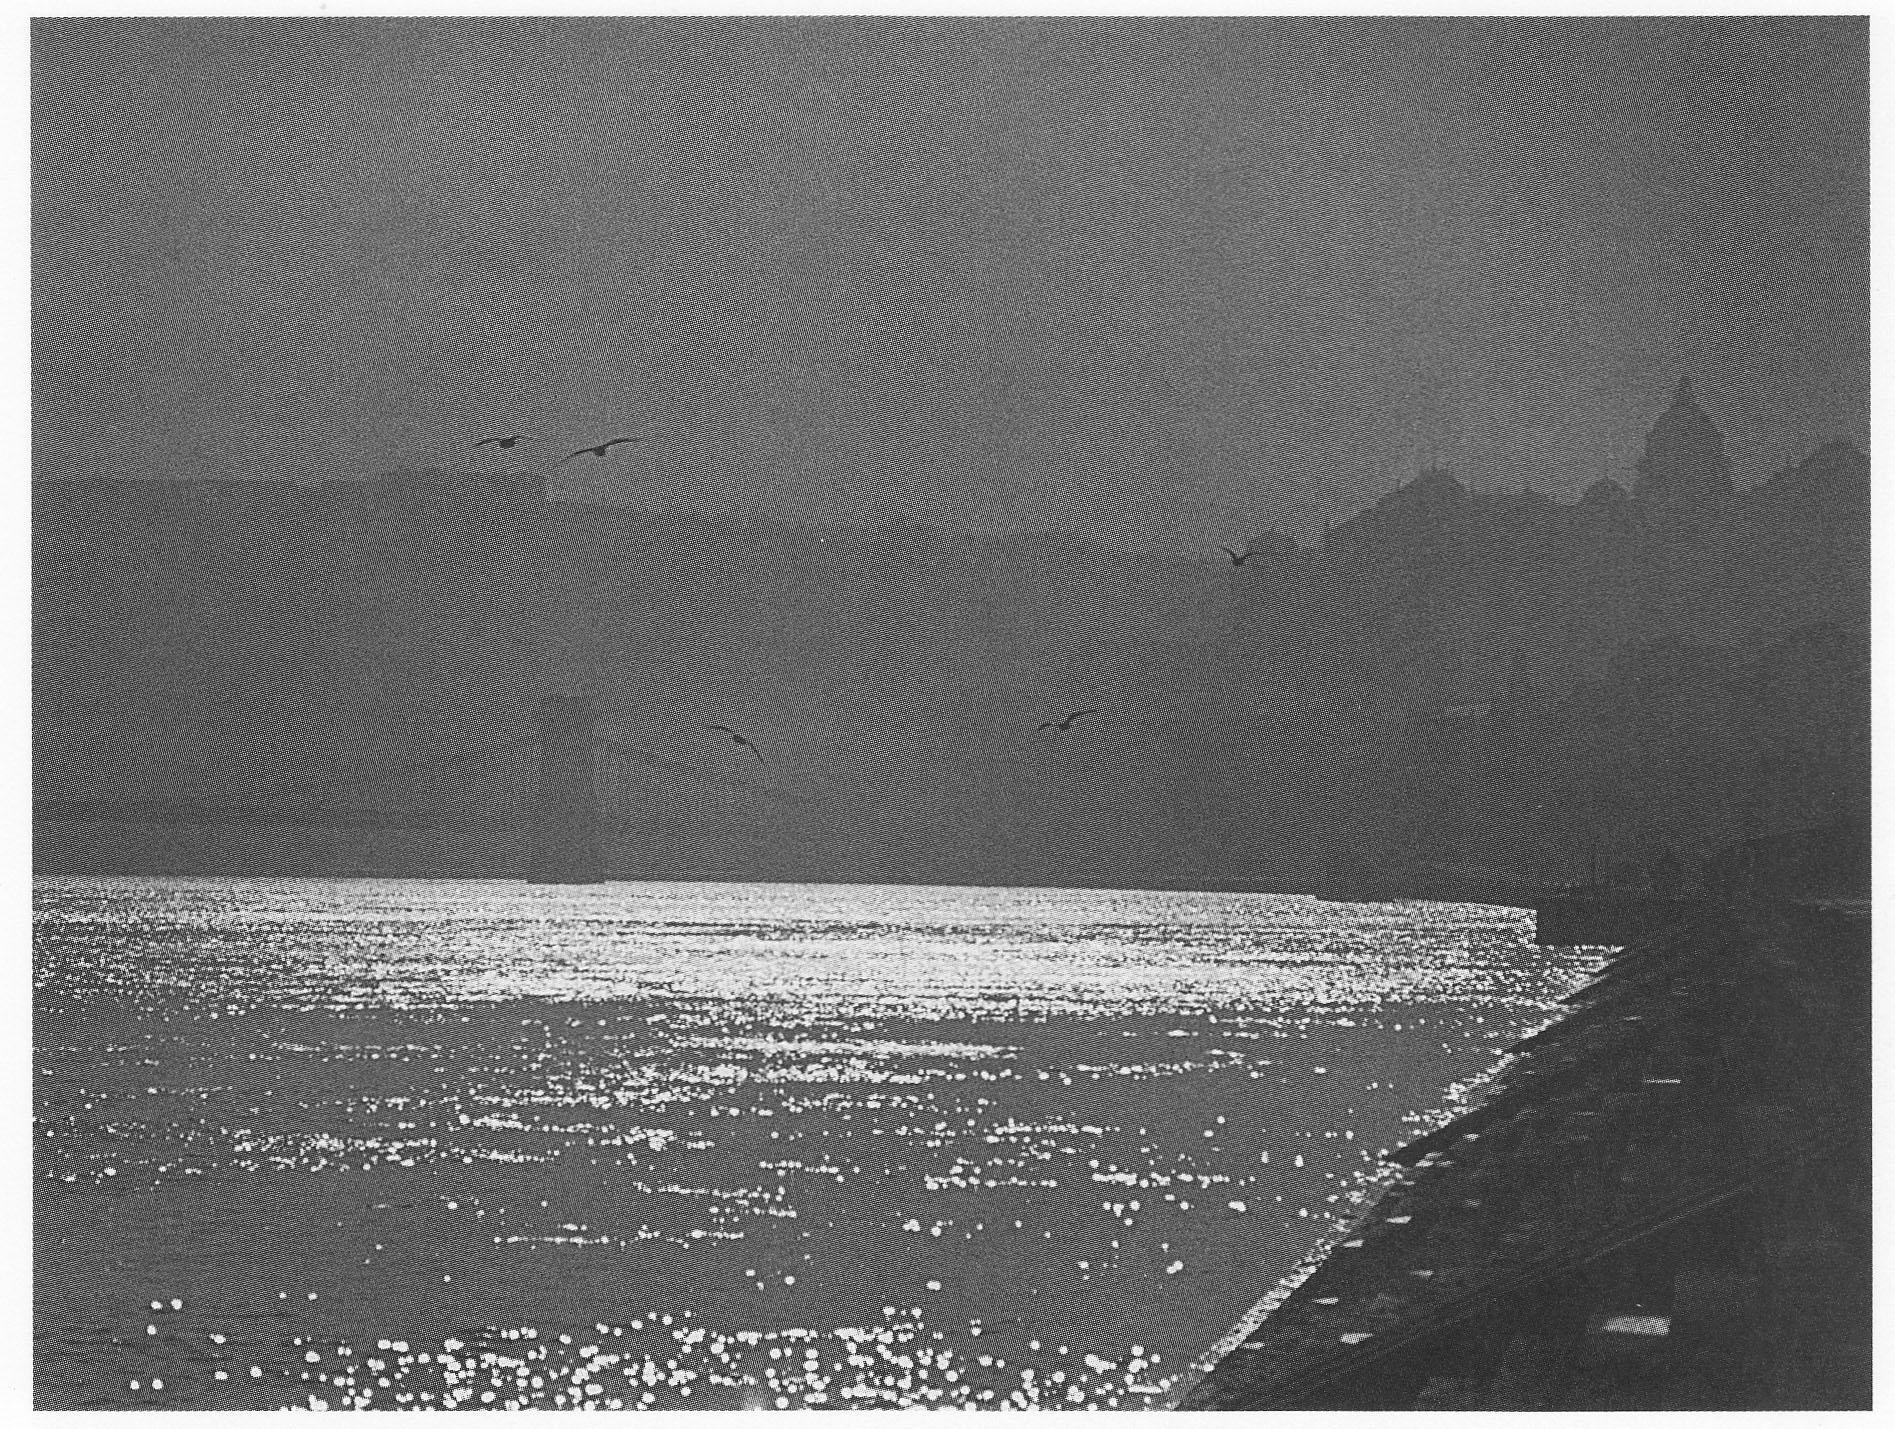 Fotó: Dulovits Jenő: Csillogó víztükör a vizivárosi Duna-parton, 1940-es évek eleje © Magyar Fotográfiai Múzeum